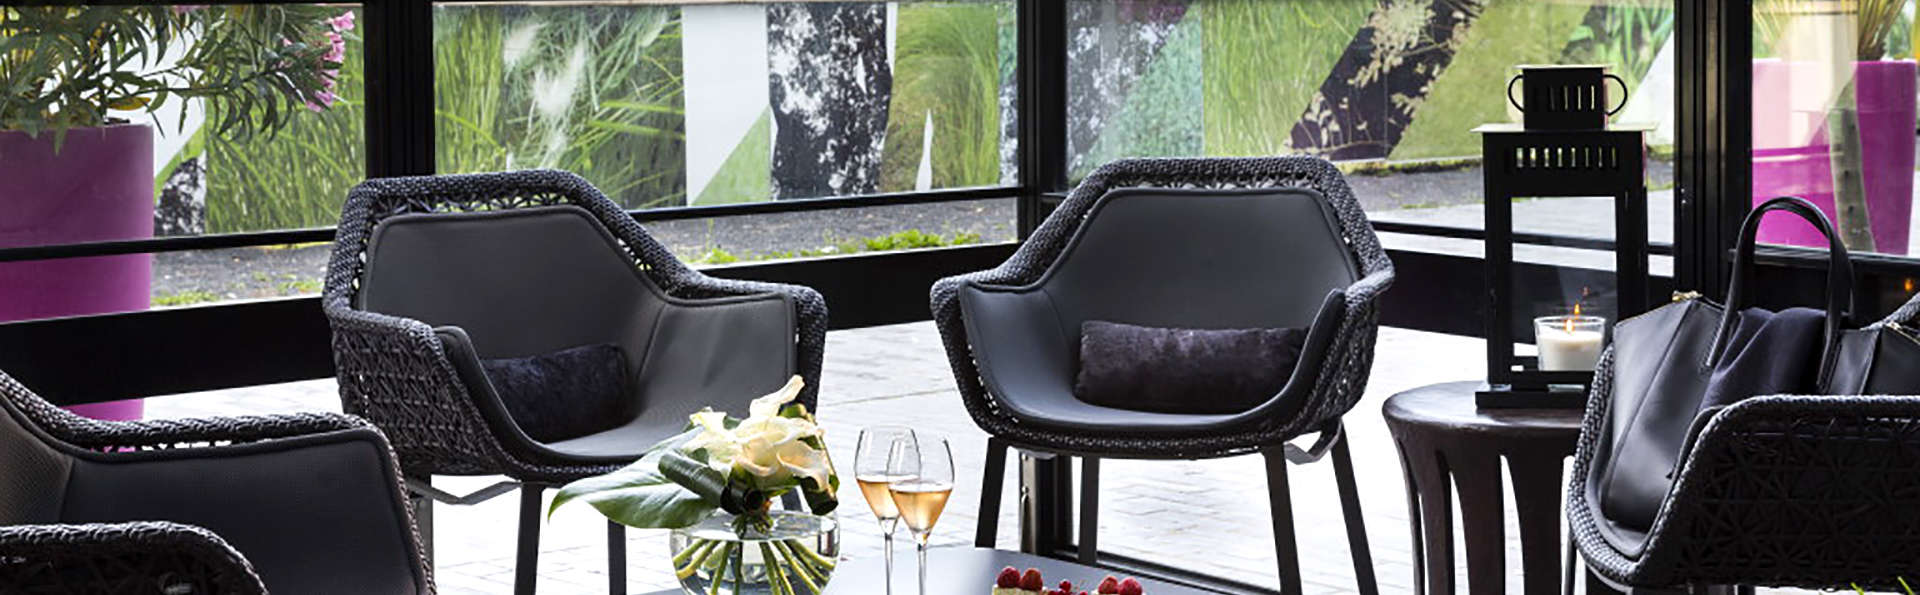 Early booking:  Week-end détente en chambre supérieure à Lille